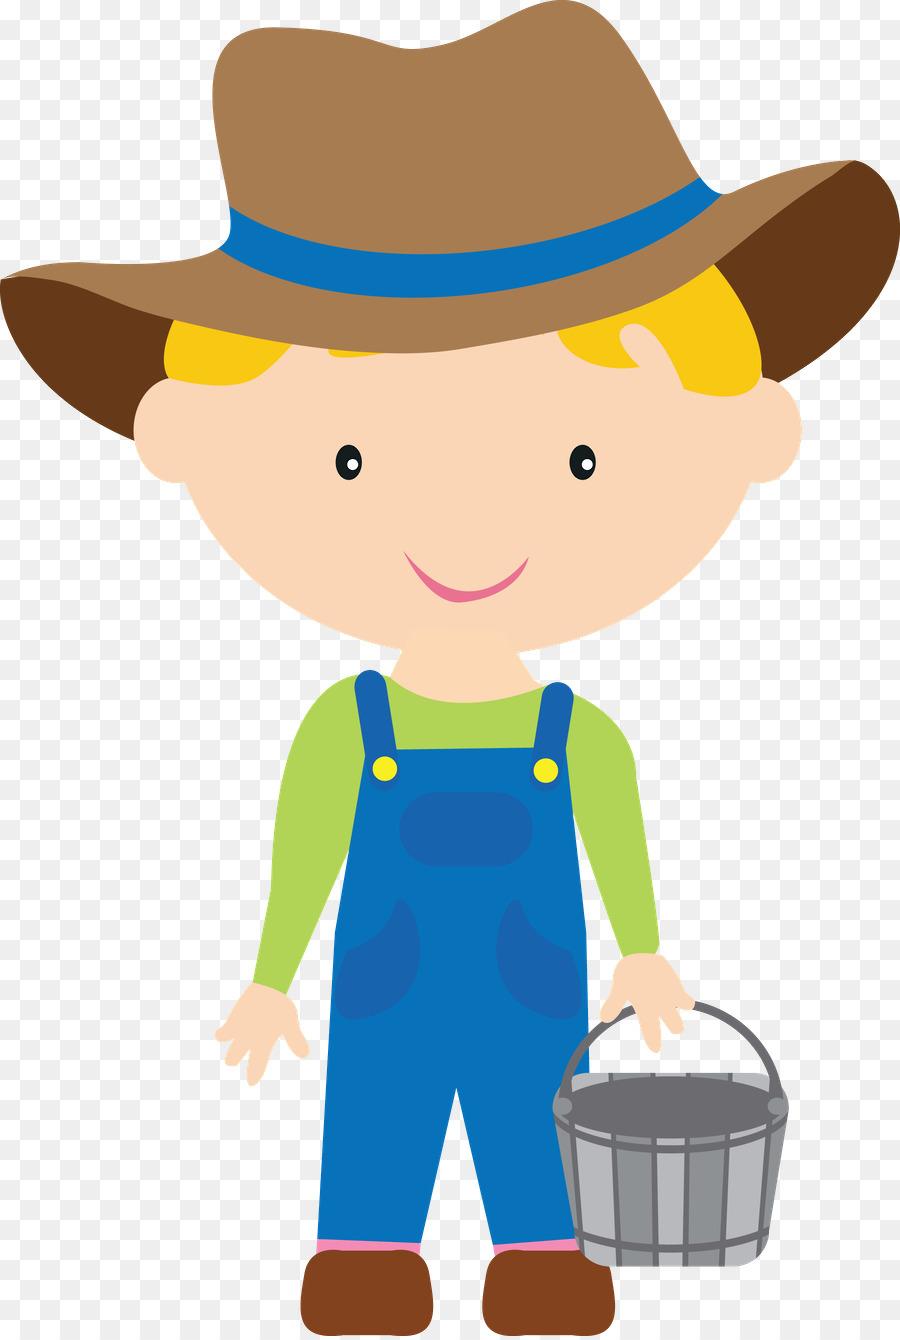 Farmer clipart. Boy free content clip